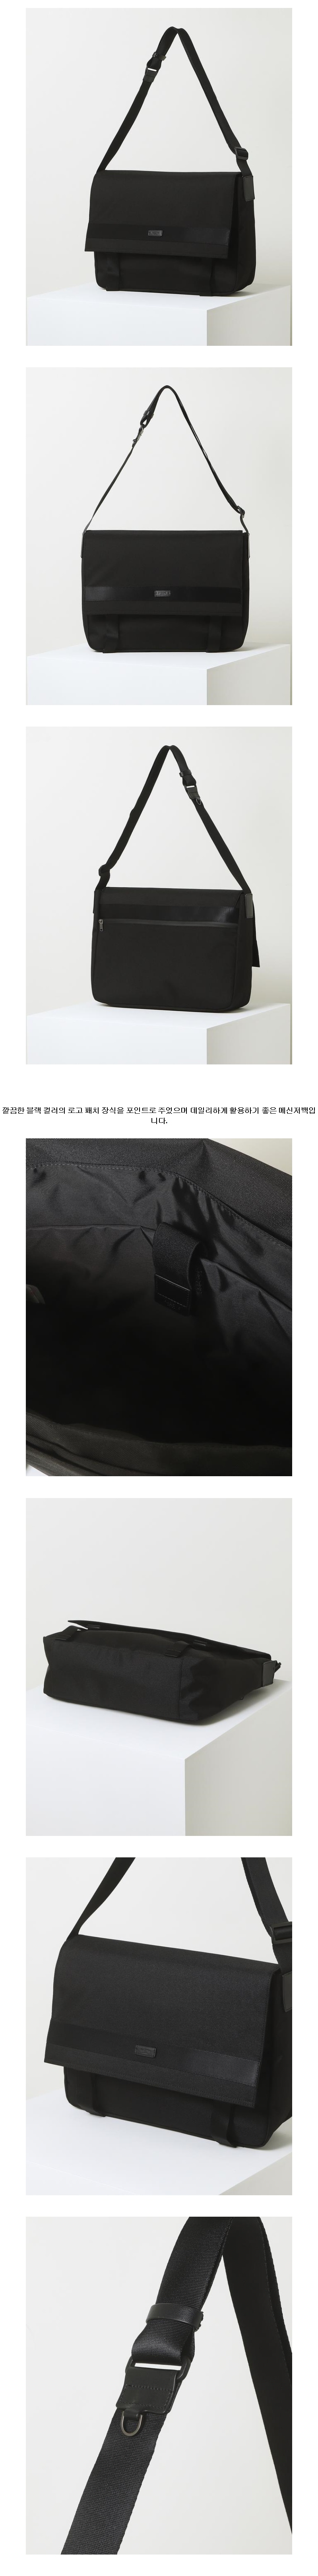 헤지스 맨 액세서리(HAZZYS MEN ACC) 블랙 로고패치 메신저백 HJBA1F960BK